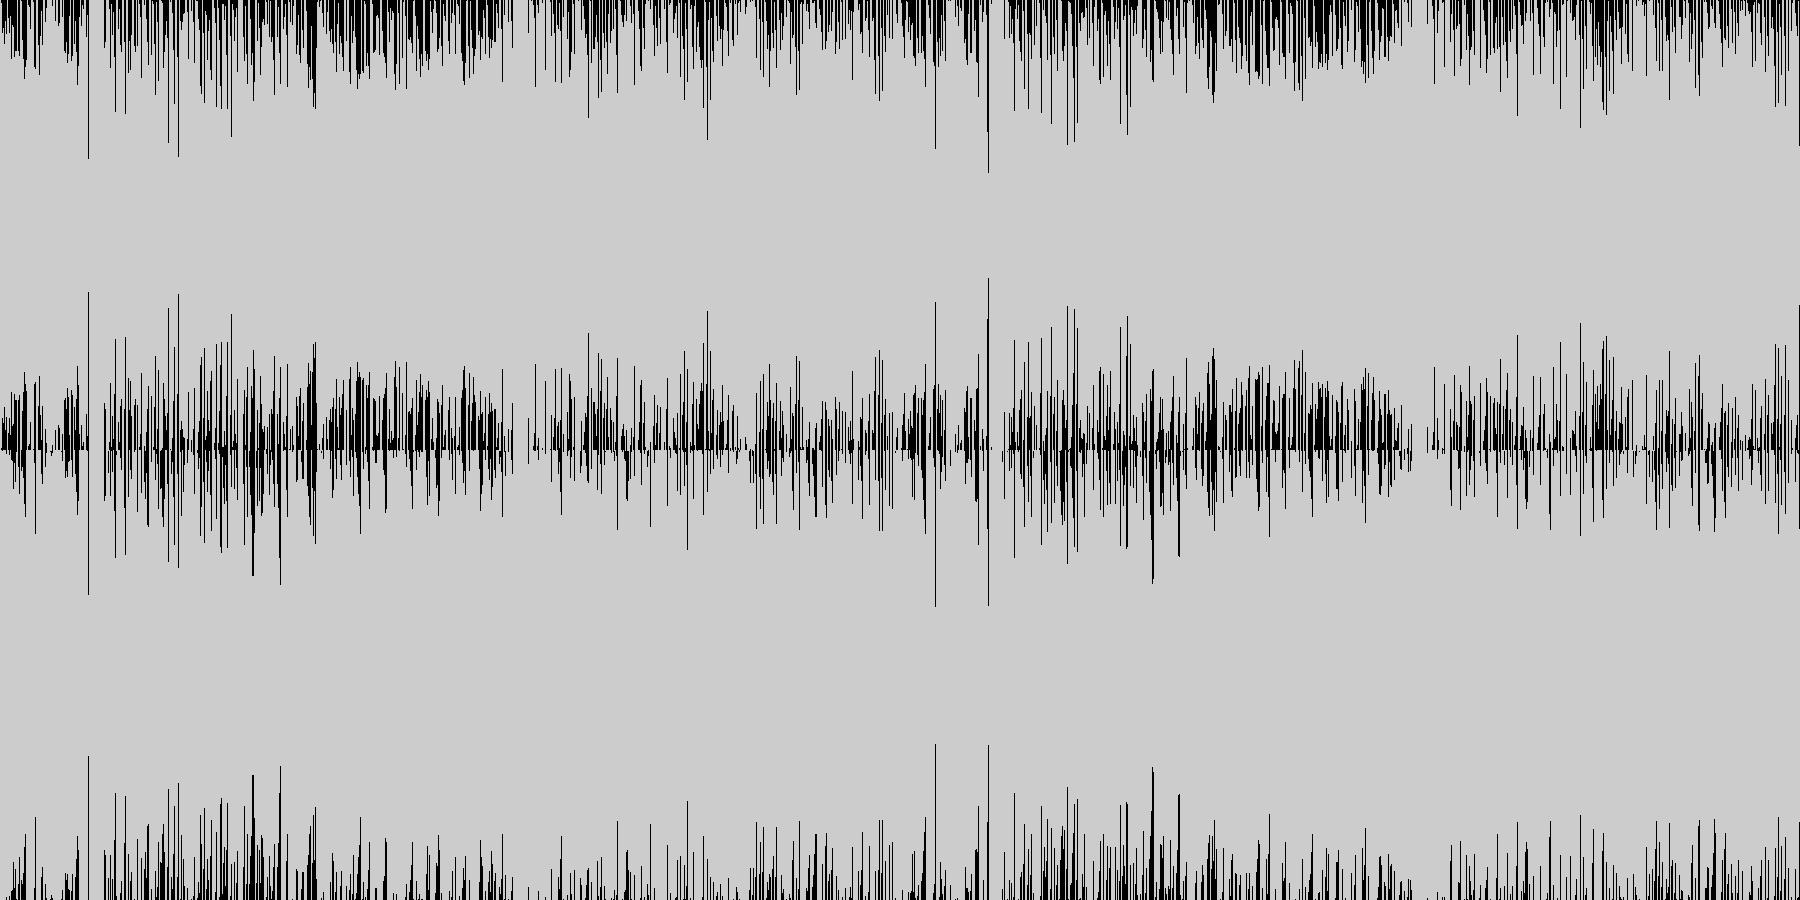 軽快さとわくわく感溢れるポップインストの未再生の波形